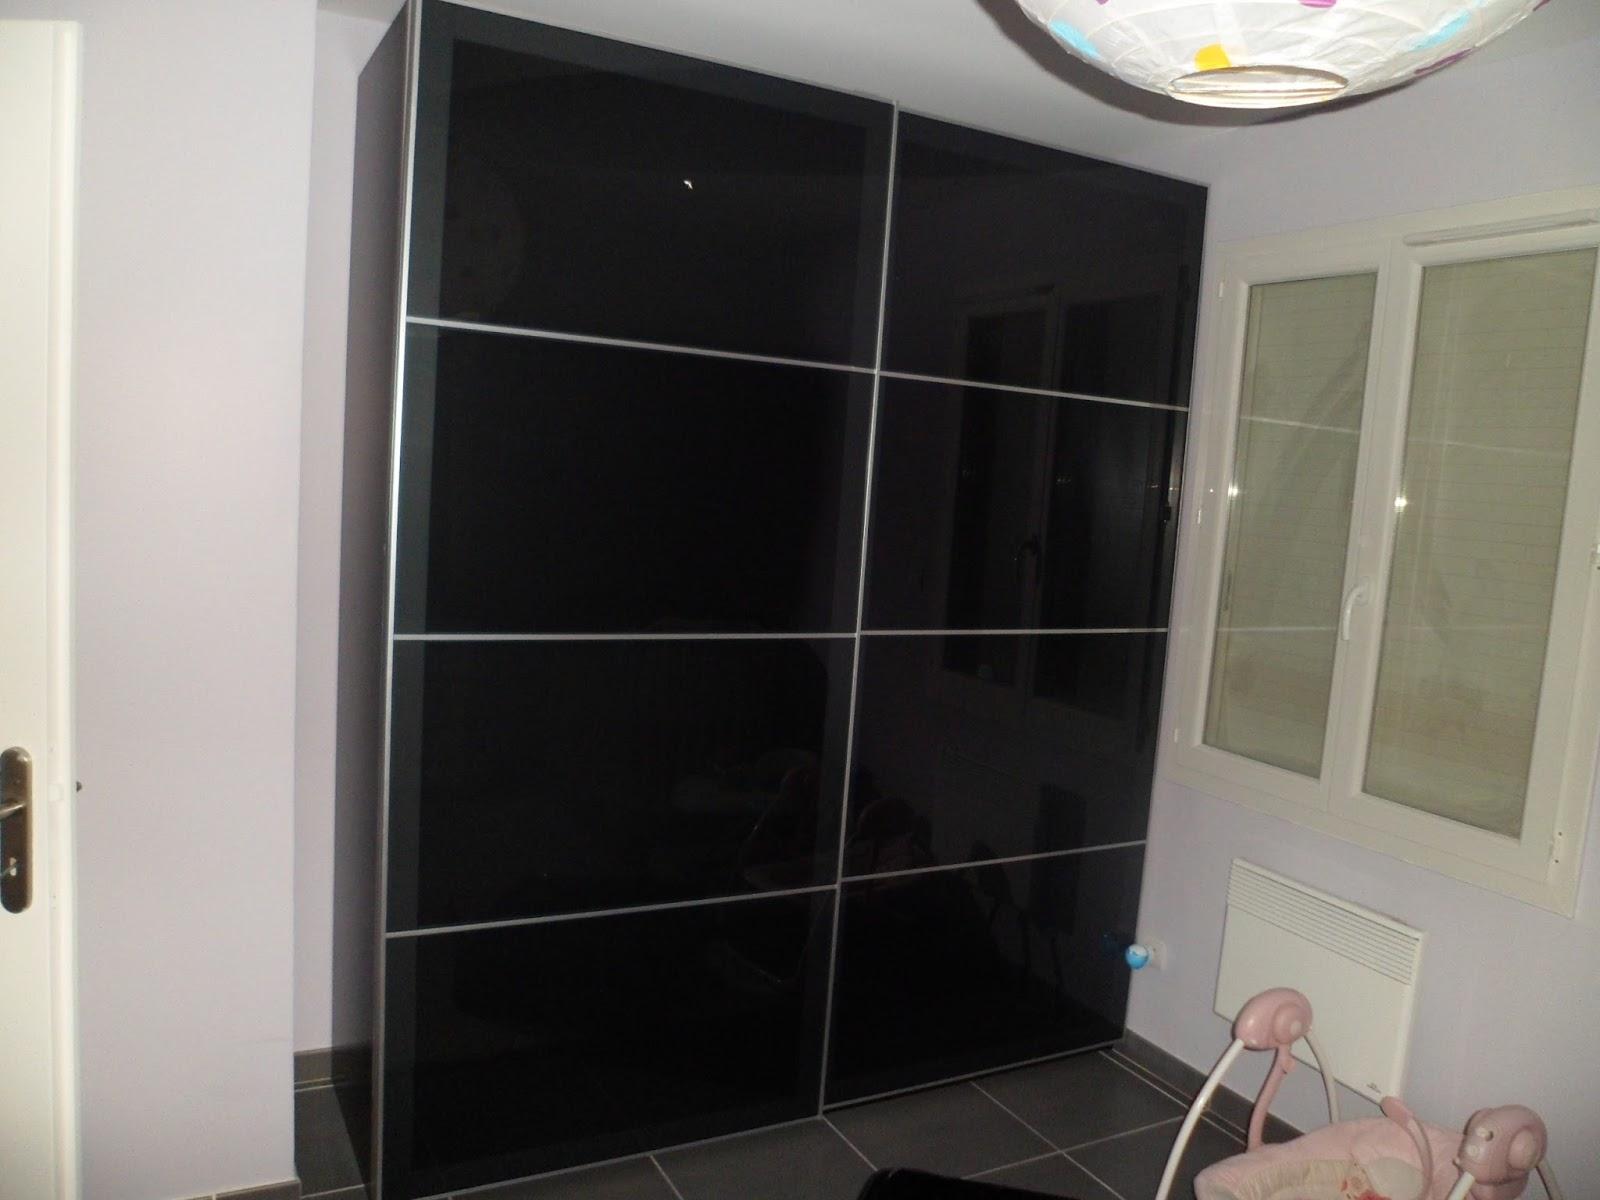 #4D5F68 Montage De Meuble St Raphael Assemblage De Meubles En Kit 1041 armoire portes coulissantes montage 1600x1200 px @ aertt.com